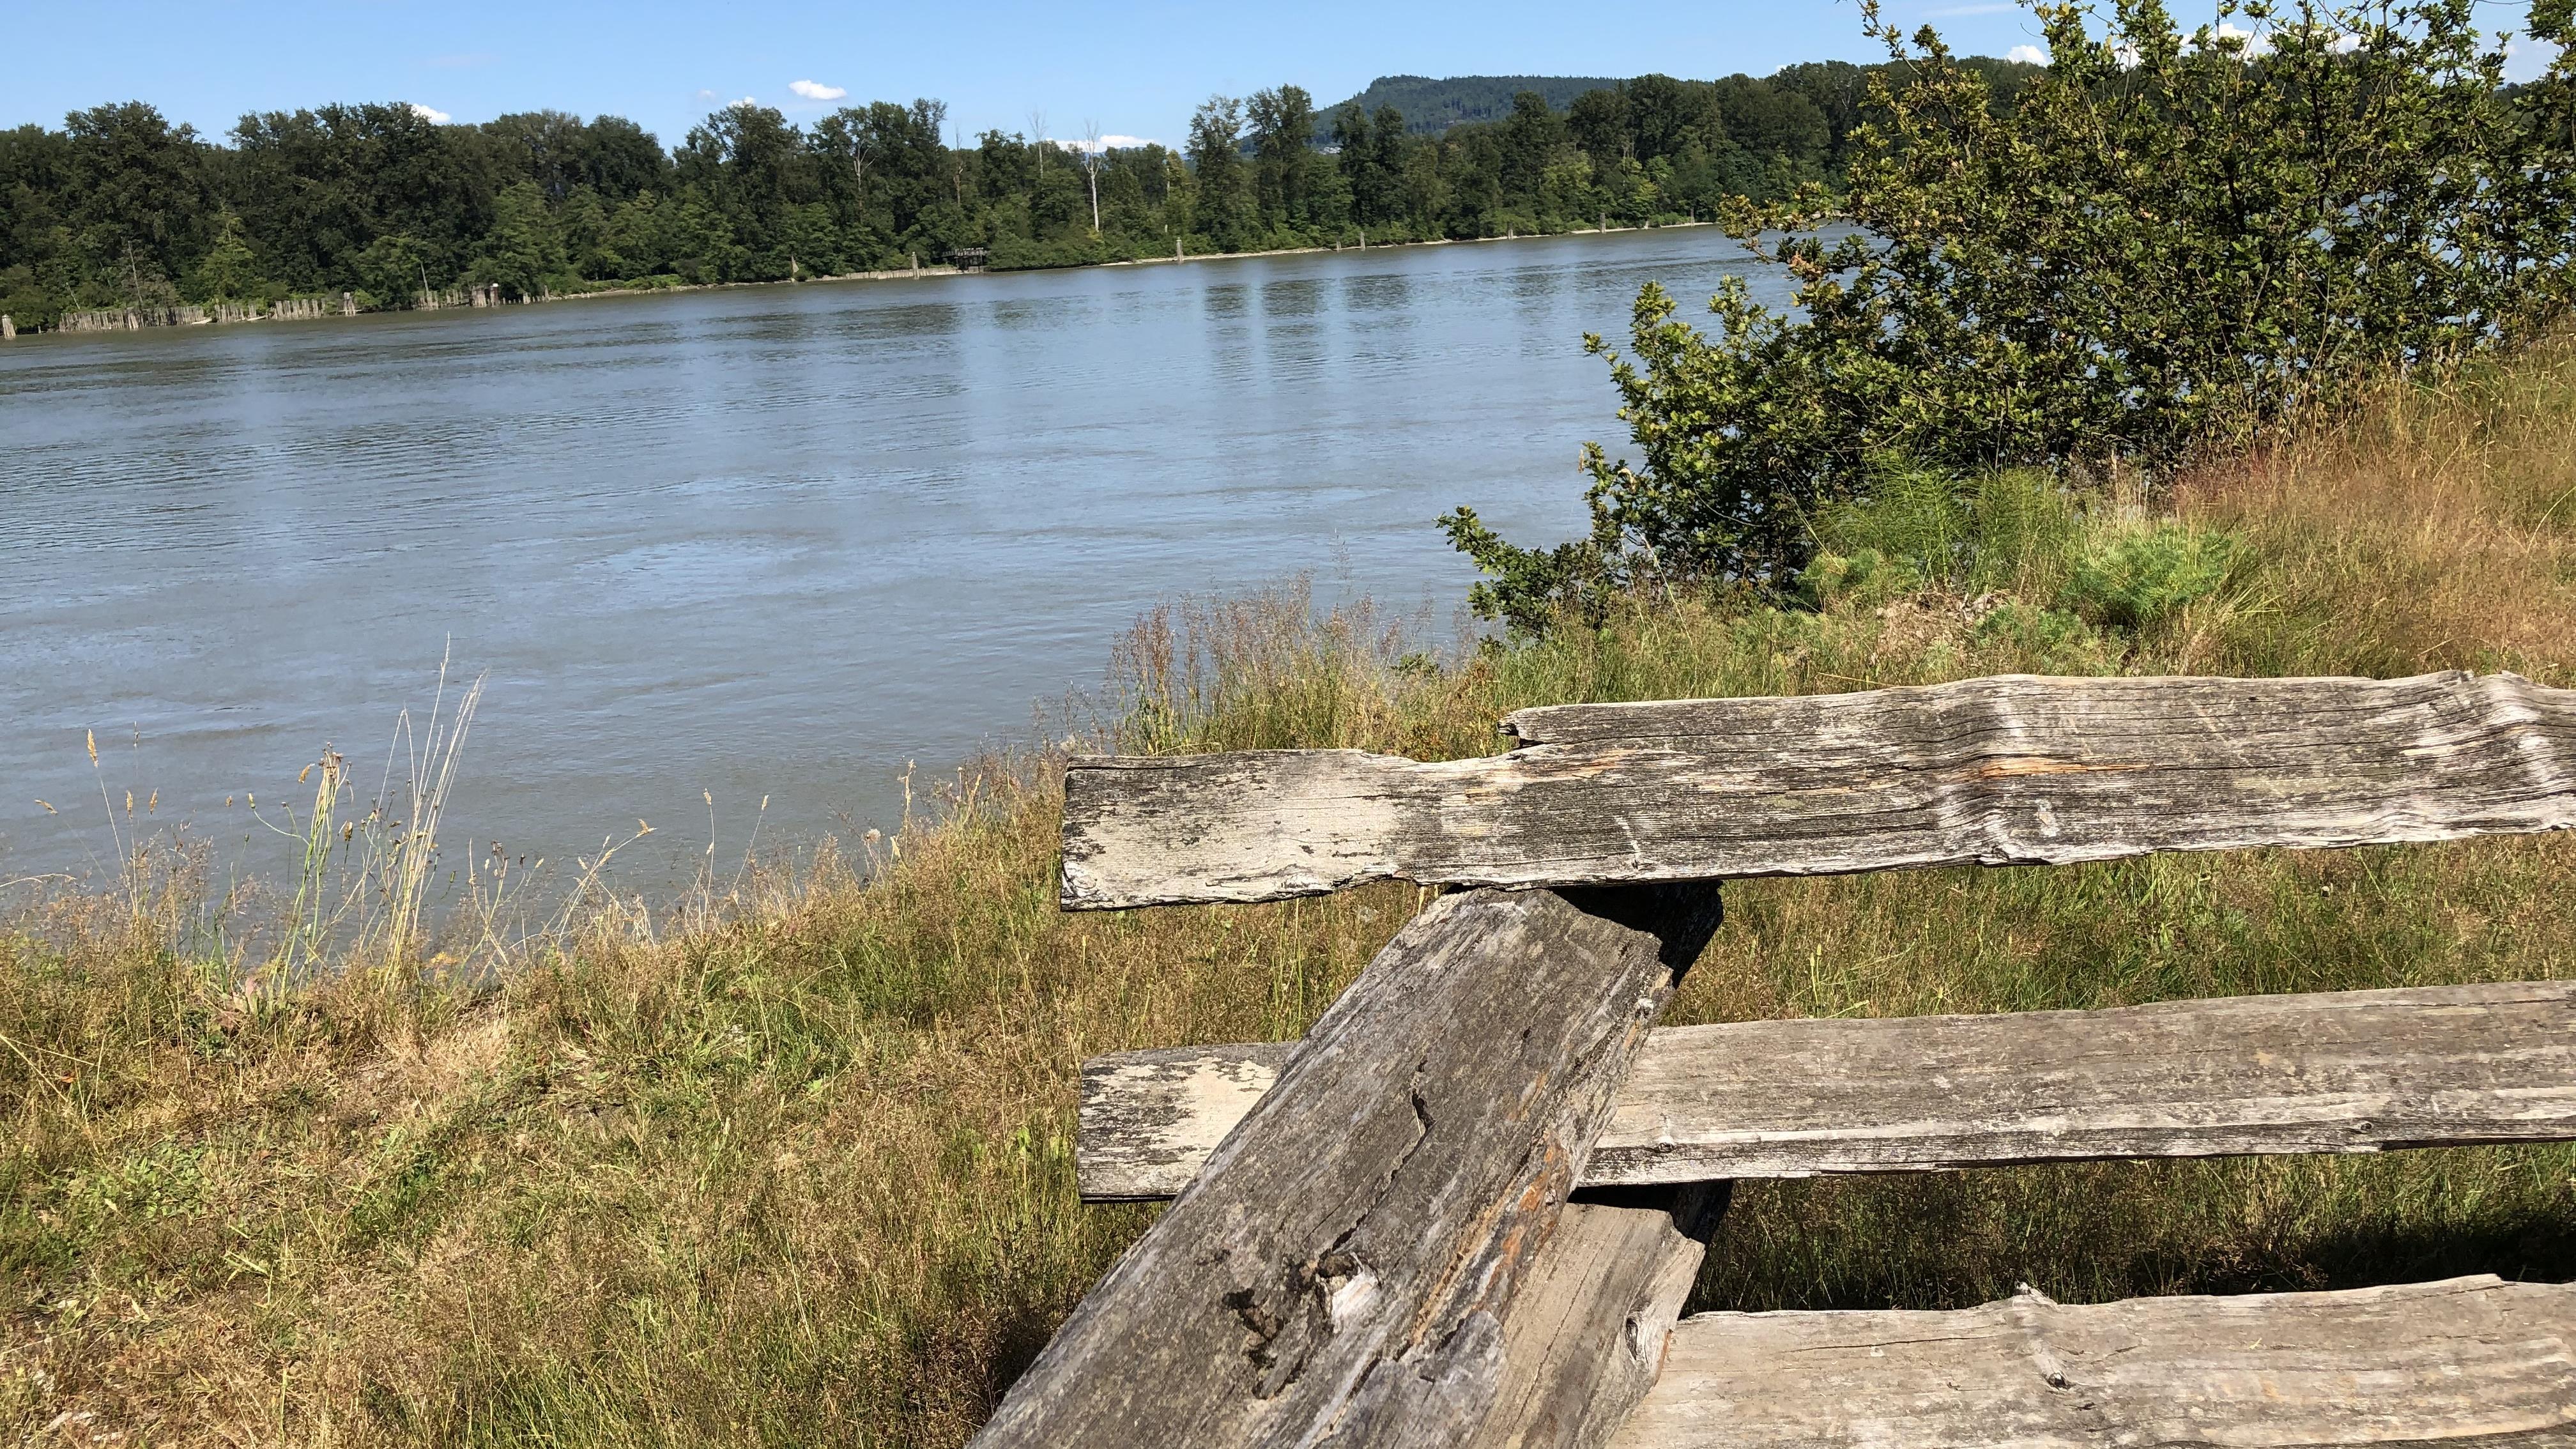 Paysage bucolique près d'une rivière.